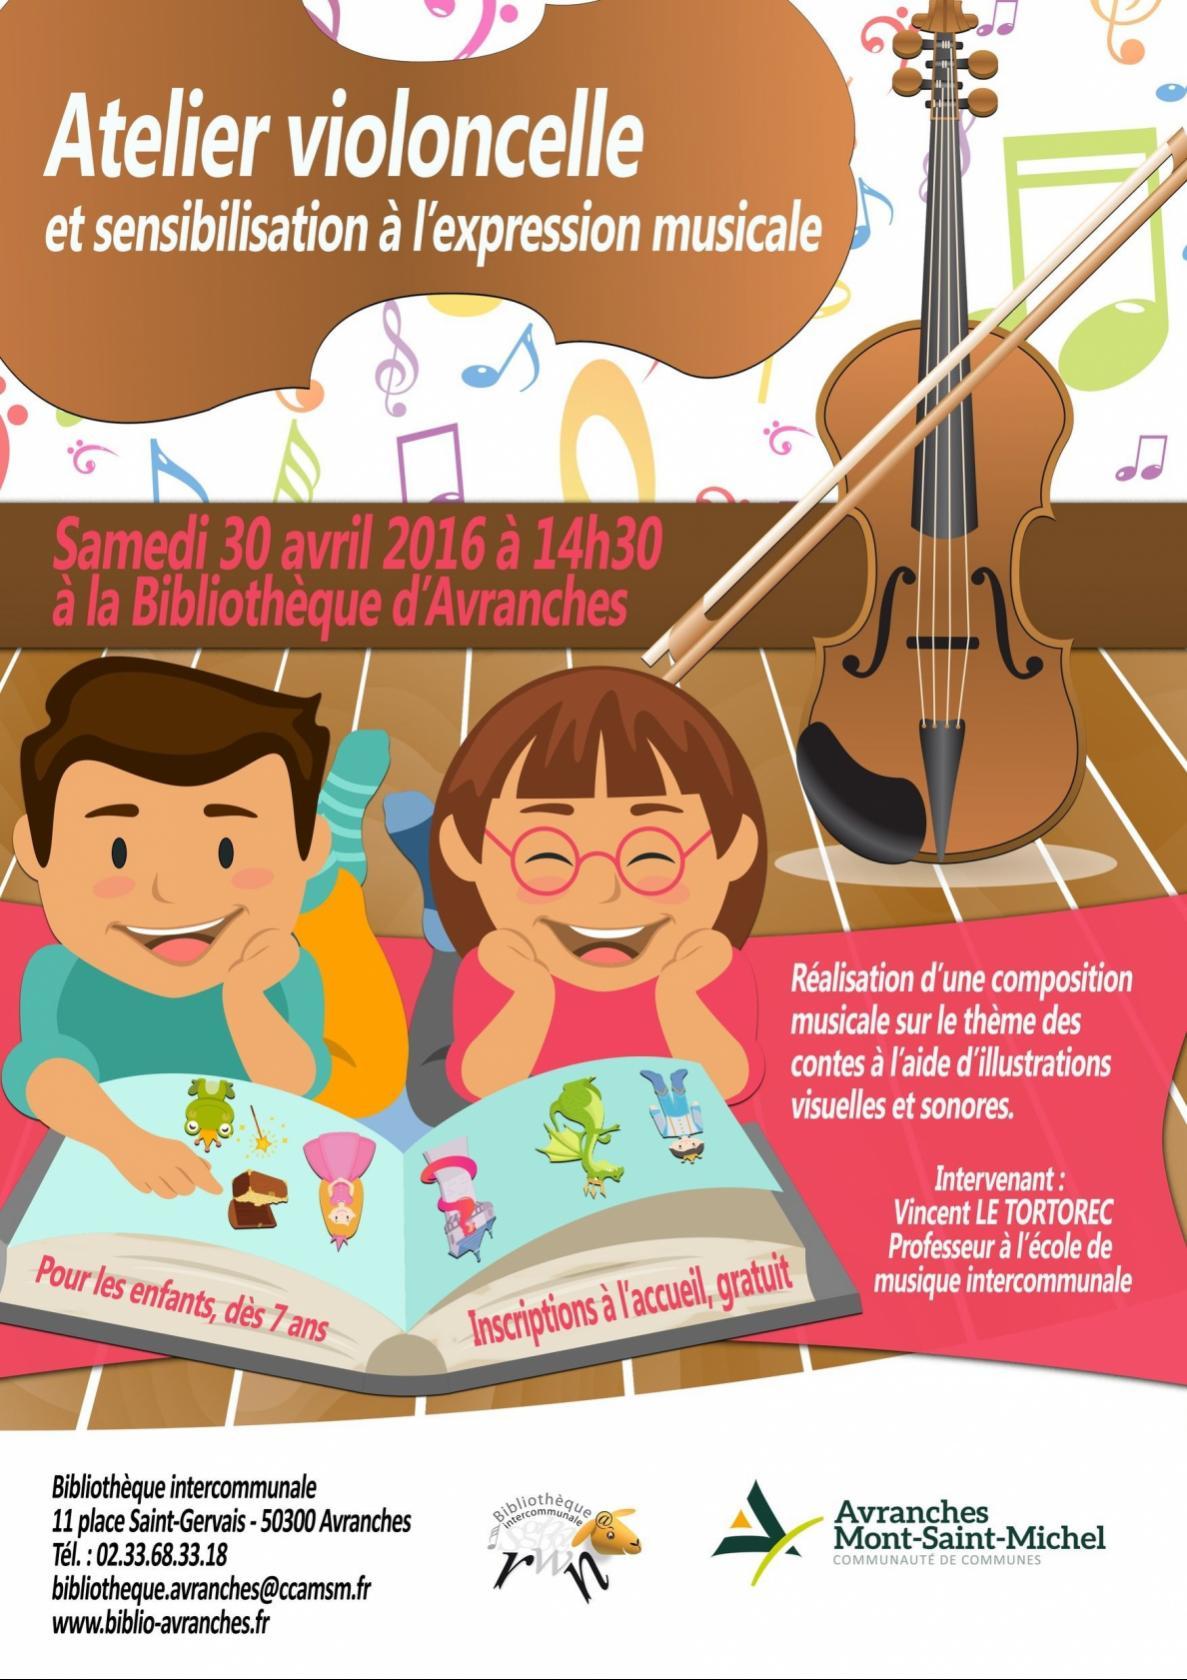 Atelier violoncelle et sensibilisation à l'expression musicale Avranches